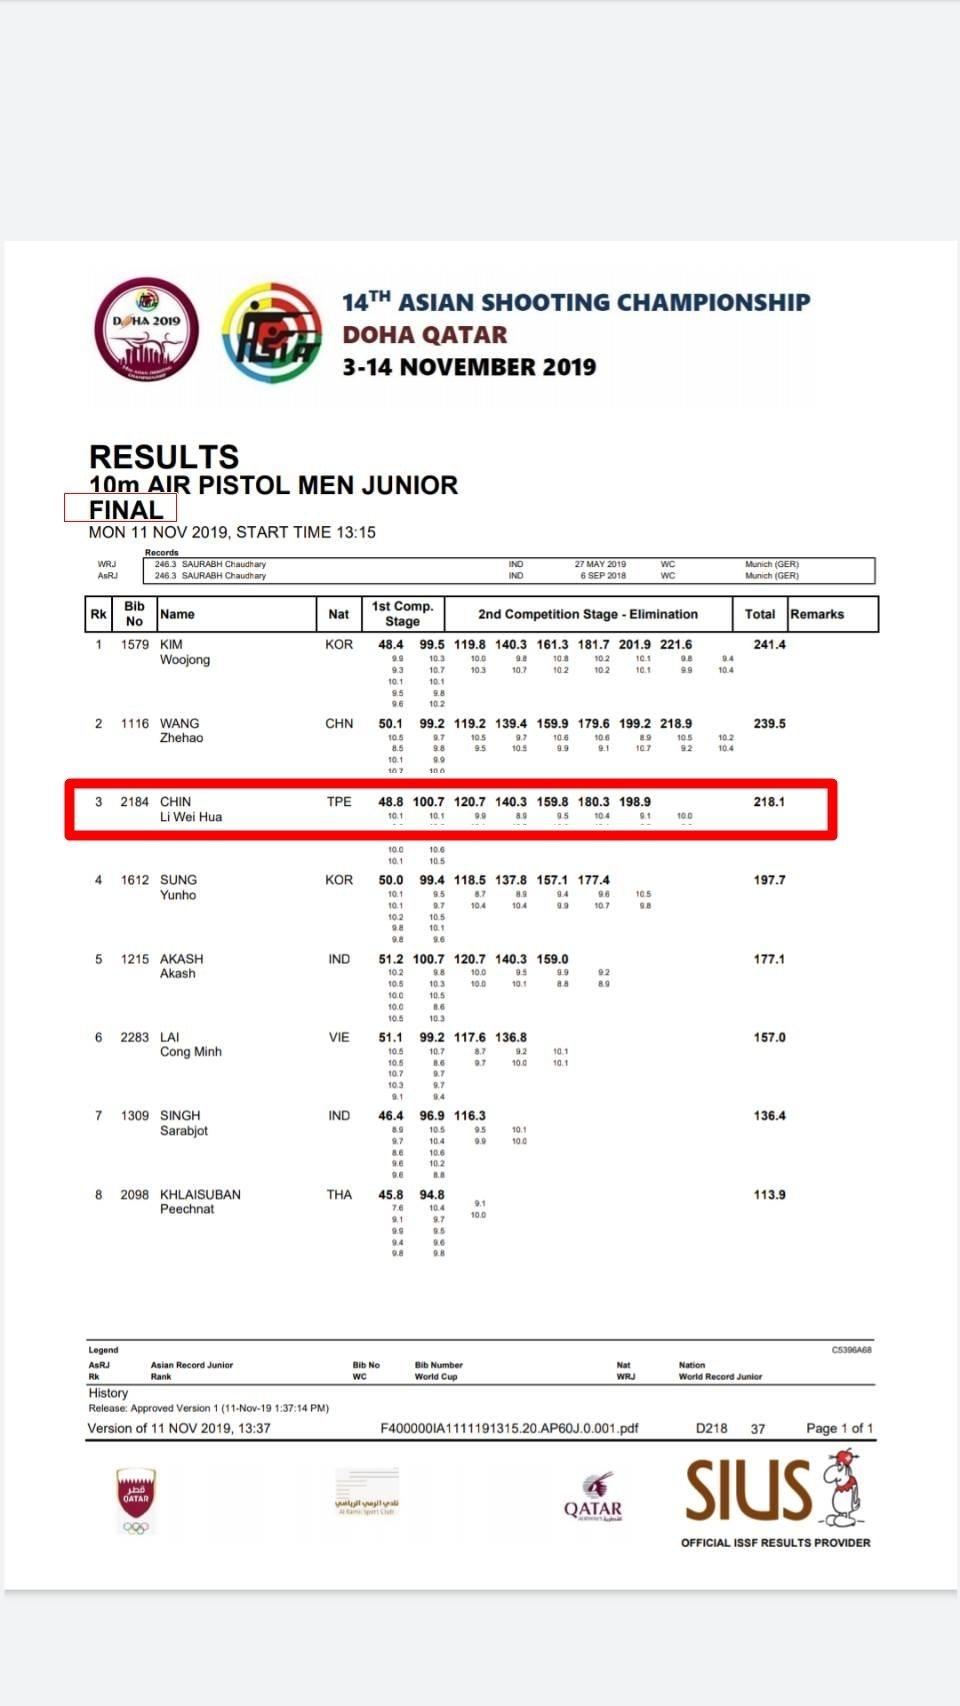 金利偉華日前在卡達多哈舉辦的2019年亞洲射擊錦標賽決賽以218.1分獲得銅牌。...